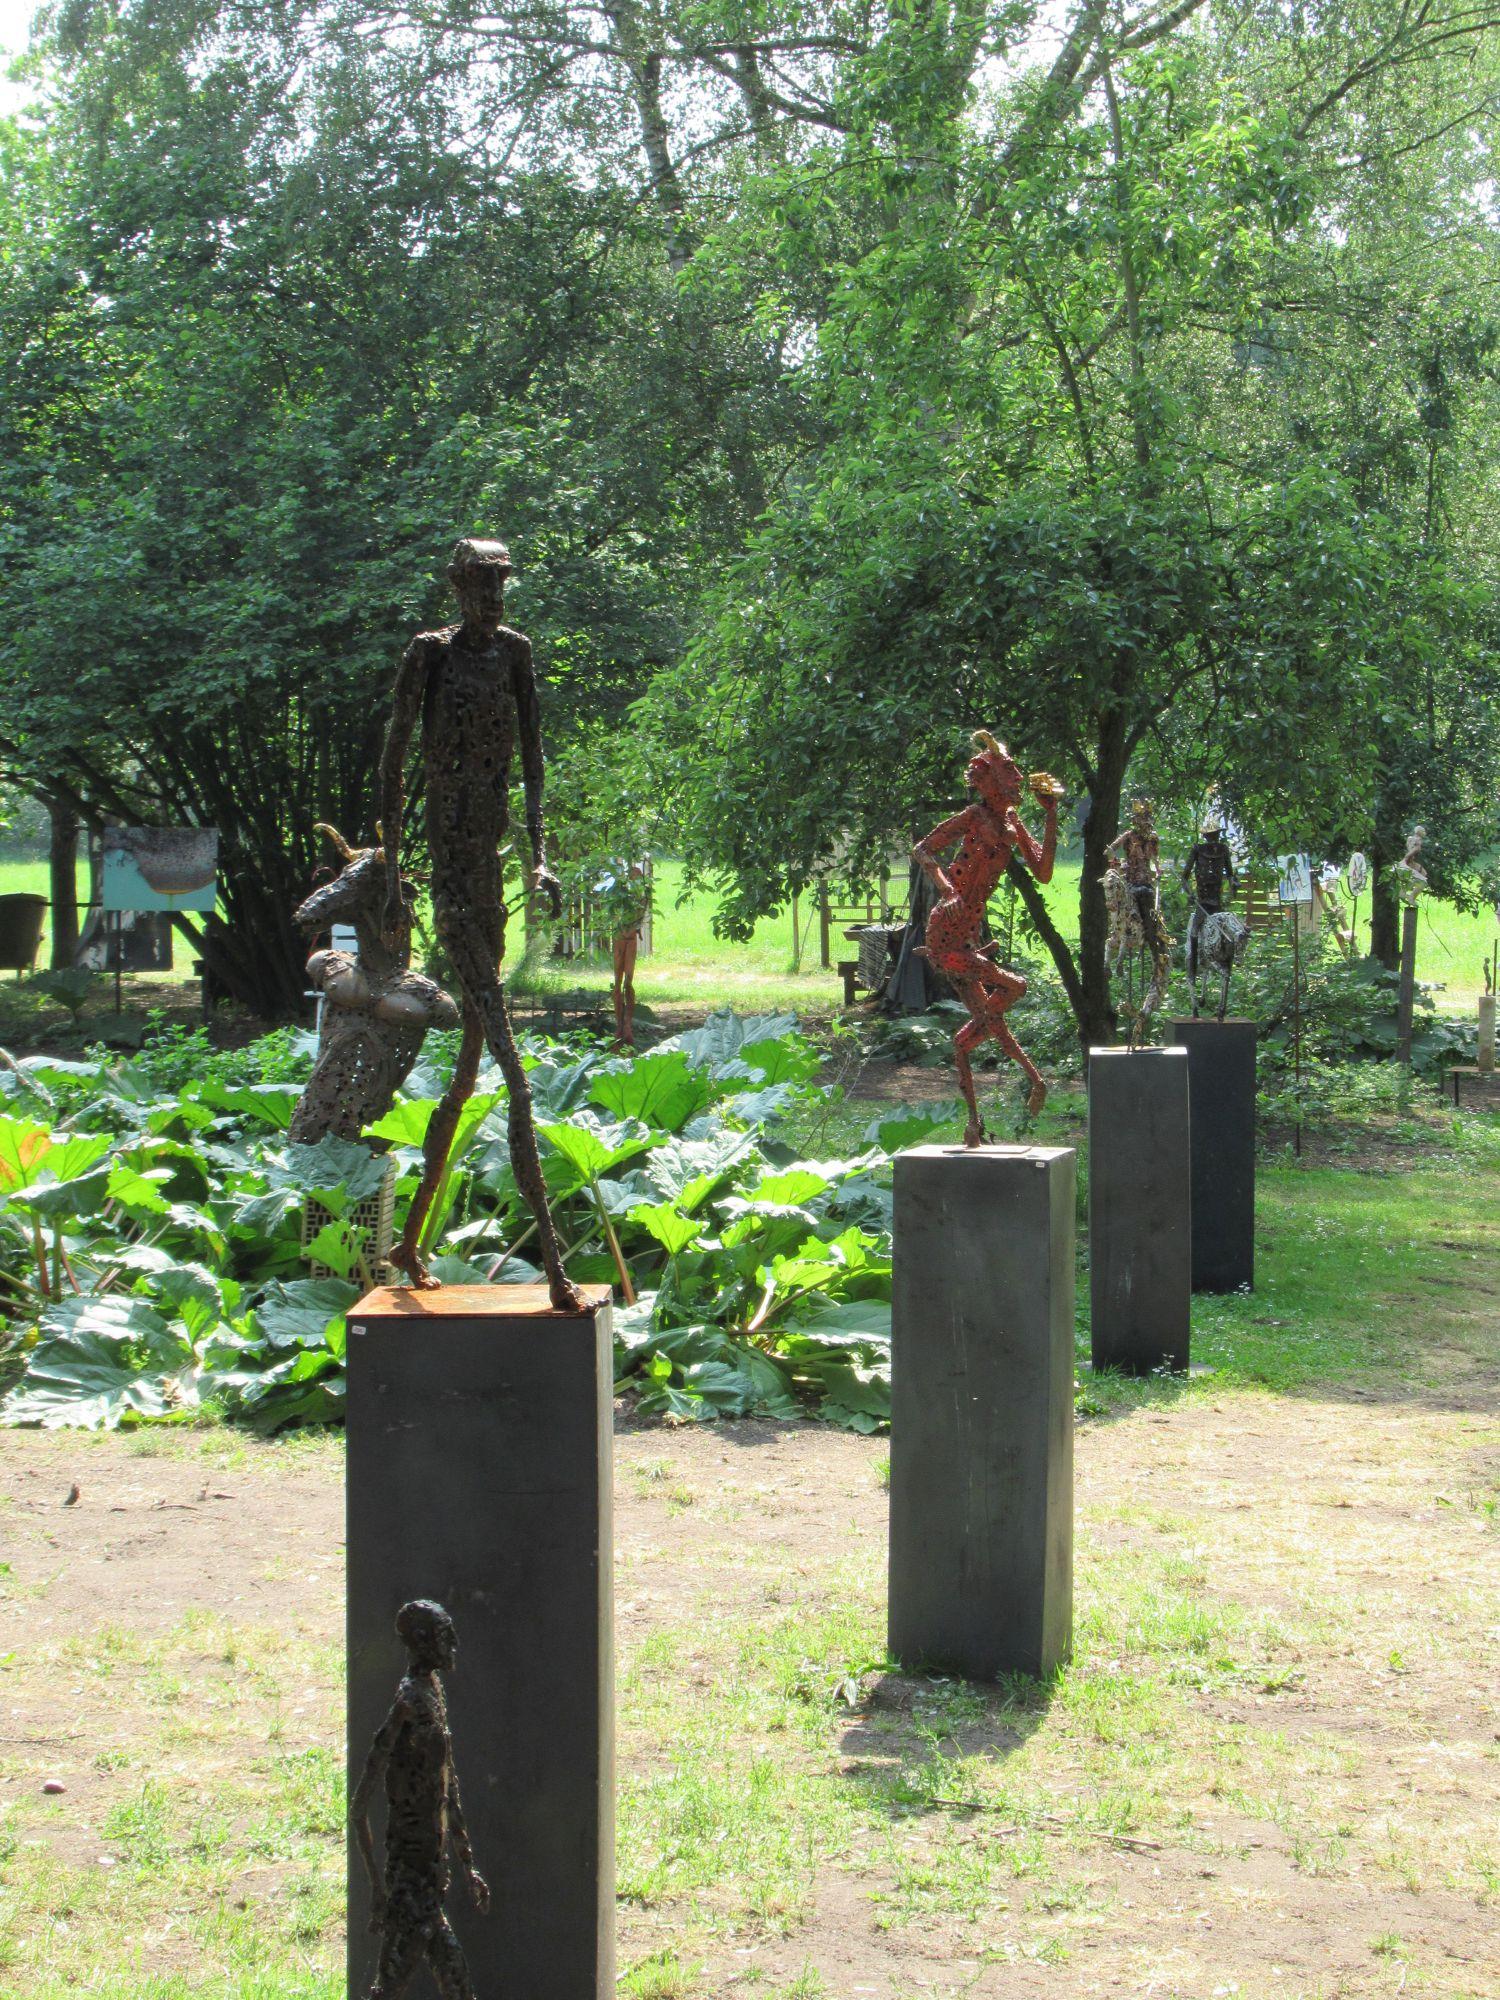 Skulpturen im Garten auf der Kulturellen Landpartie im Wendland. Viele Höfe und Gärten sind geöffnet und überraschen mit schöner Kunst.